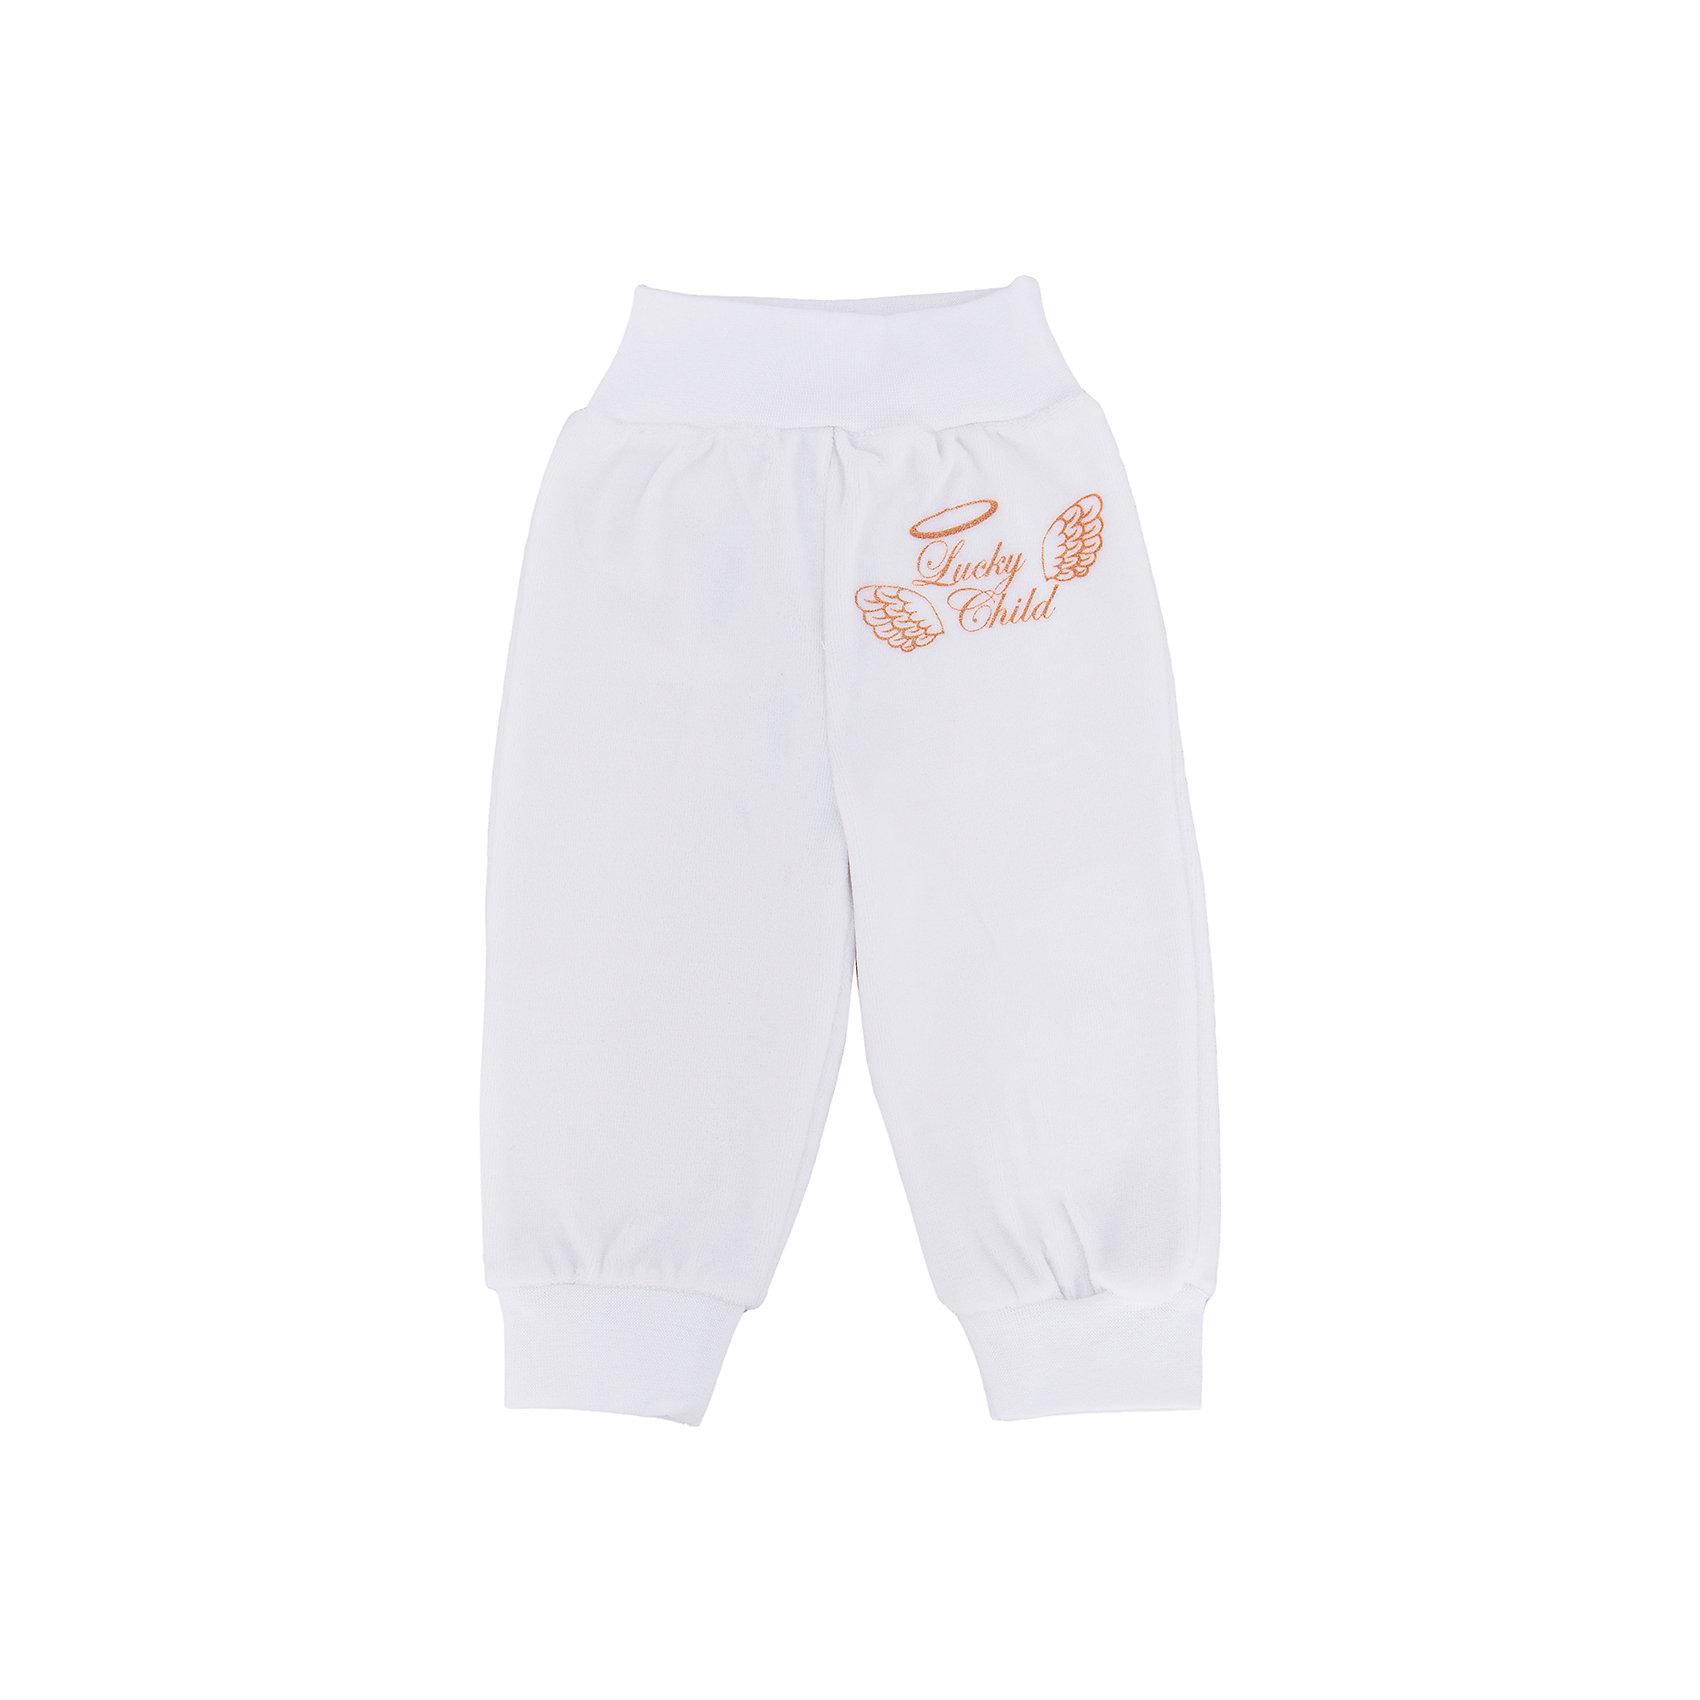 Lucky Child Велюровые брюки Lucky Child мужские велюровые халаты купить в спб